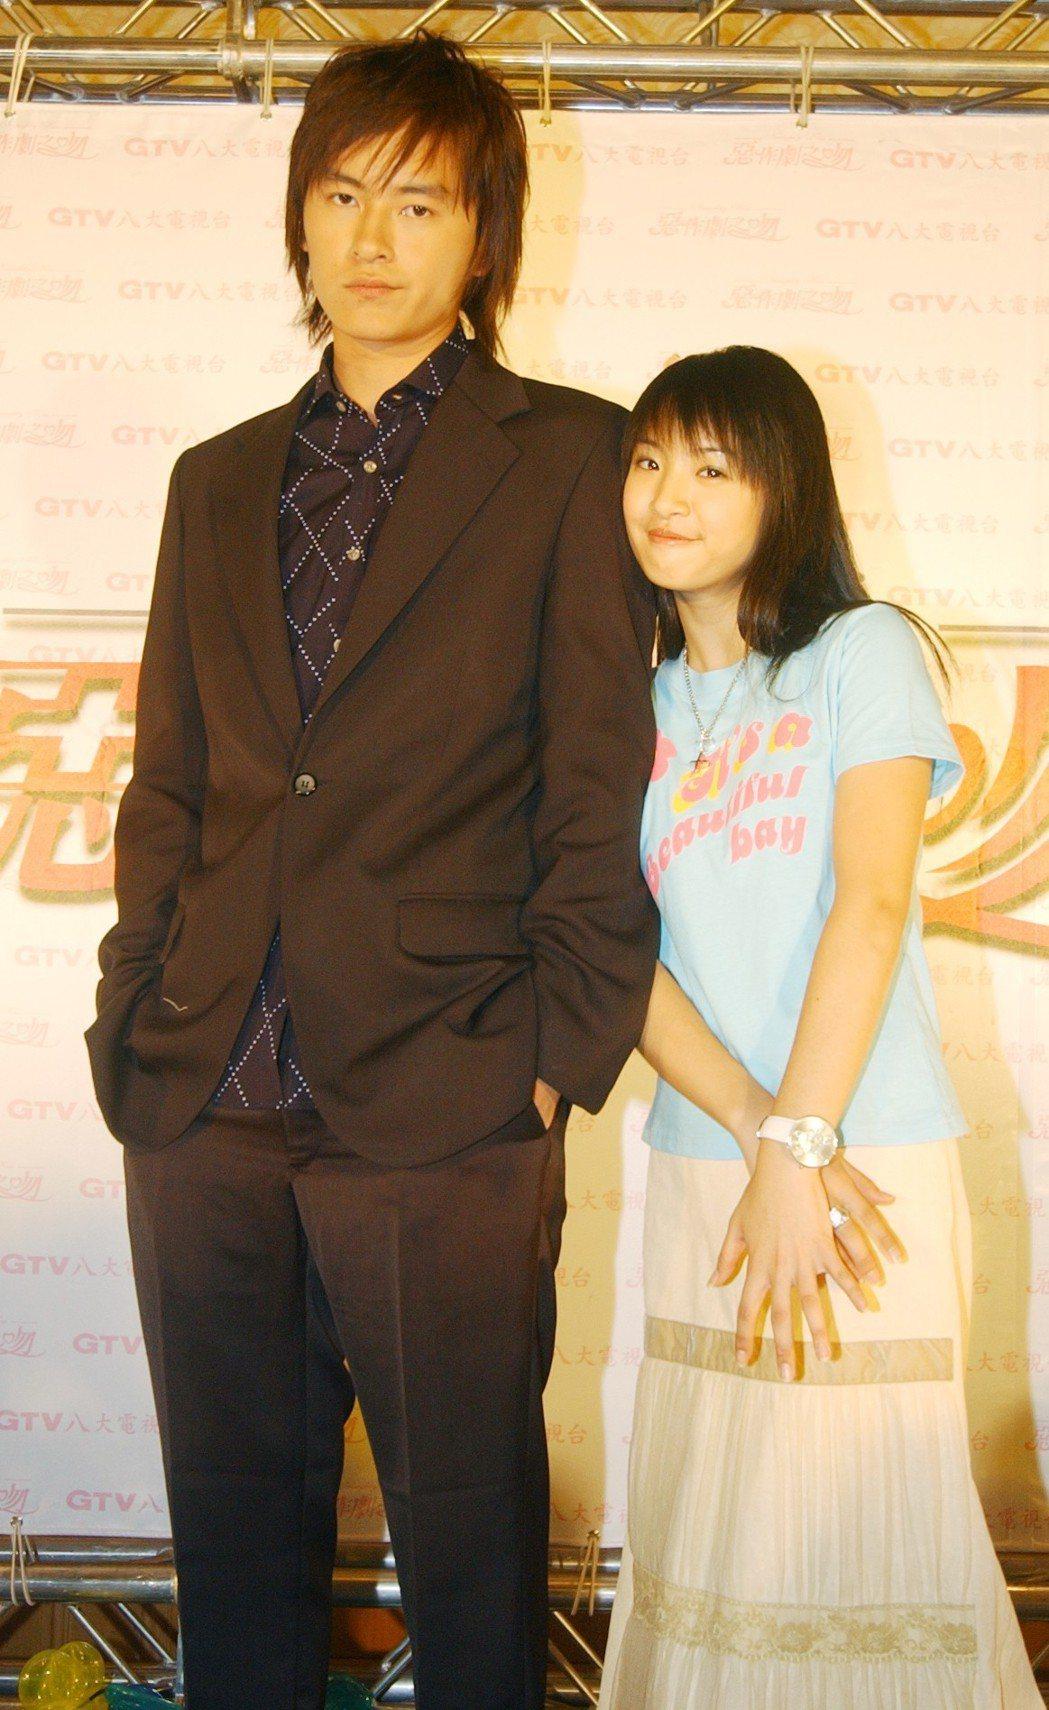 鄭元暢、林依晨當年演出「惡作劇之吻」。圖/聯合報系資料照